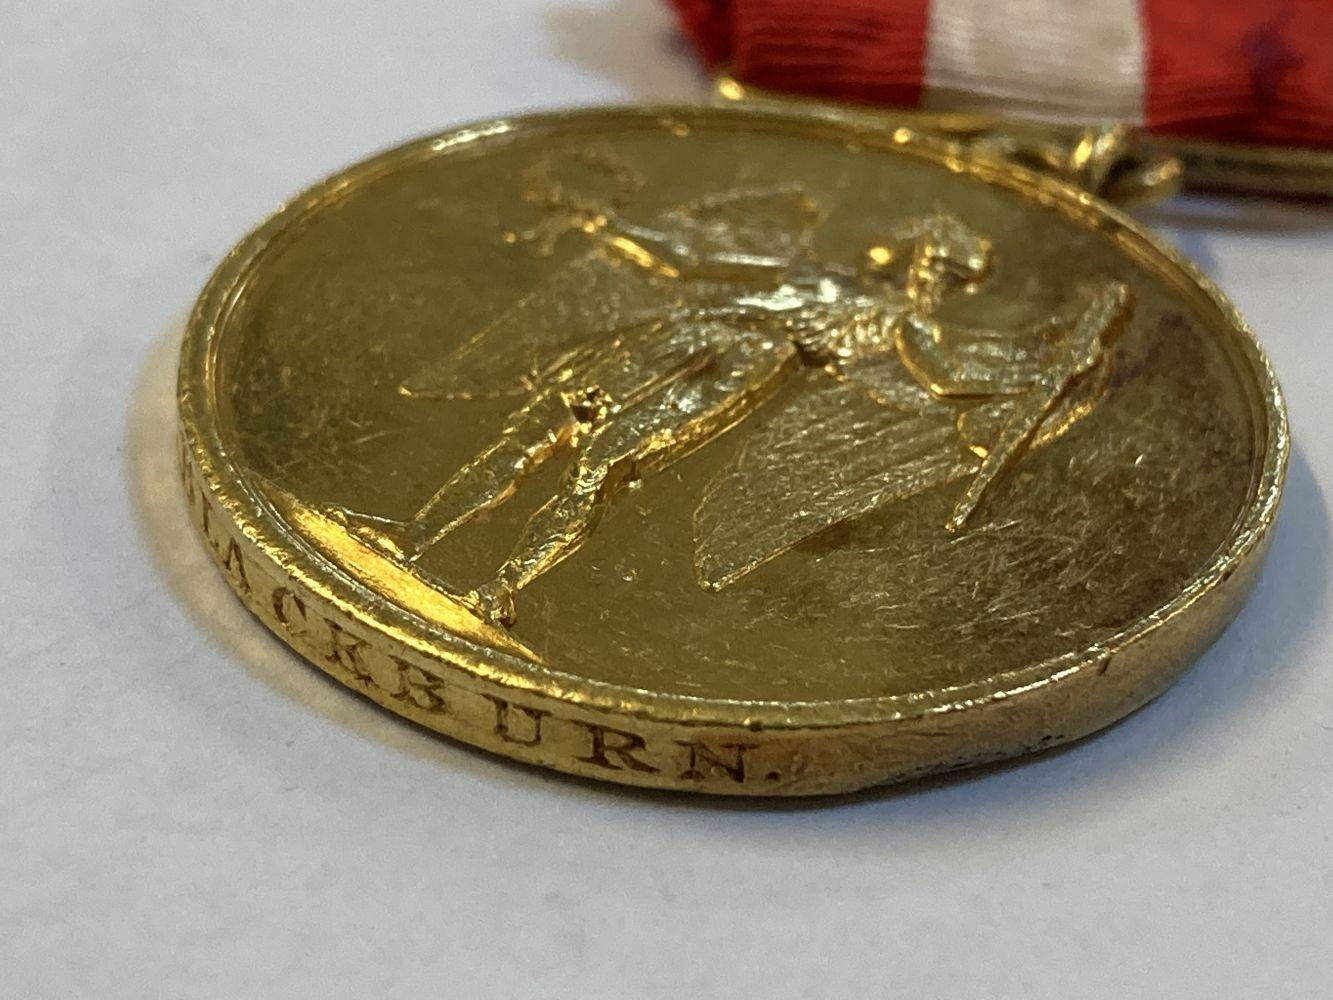 * Denmark. Christianus IX Gold Medal - J Blackburn - Image 5 of 5